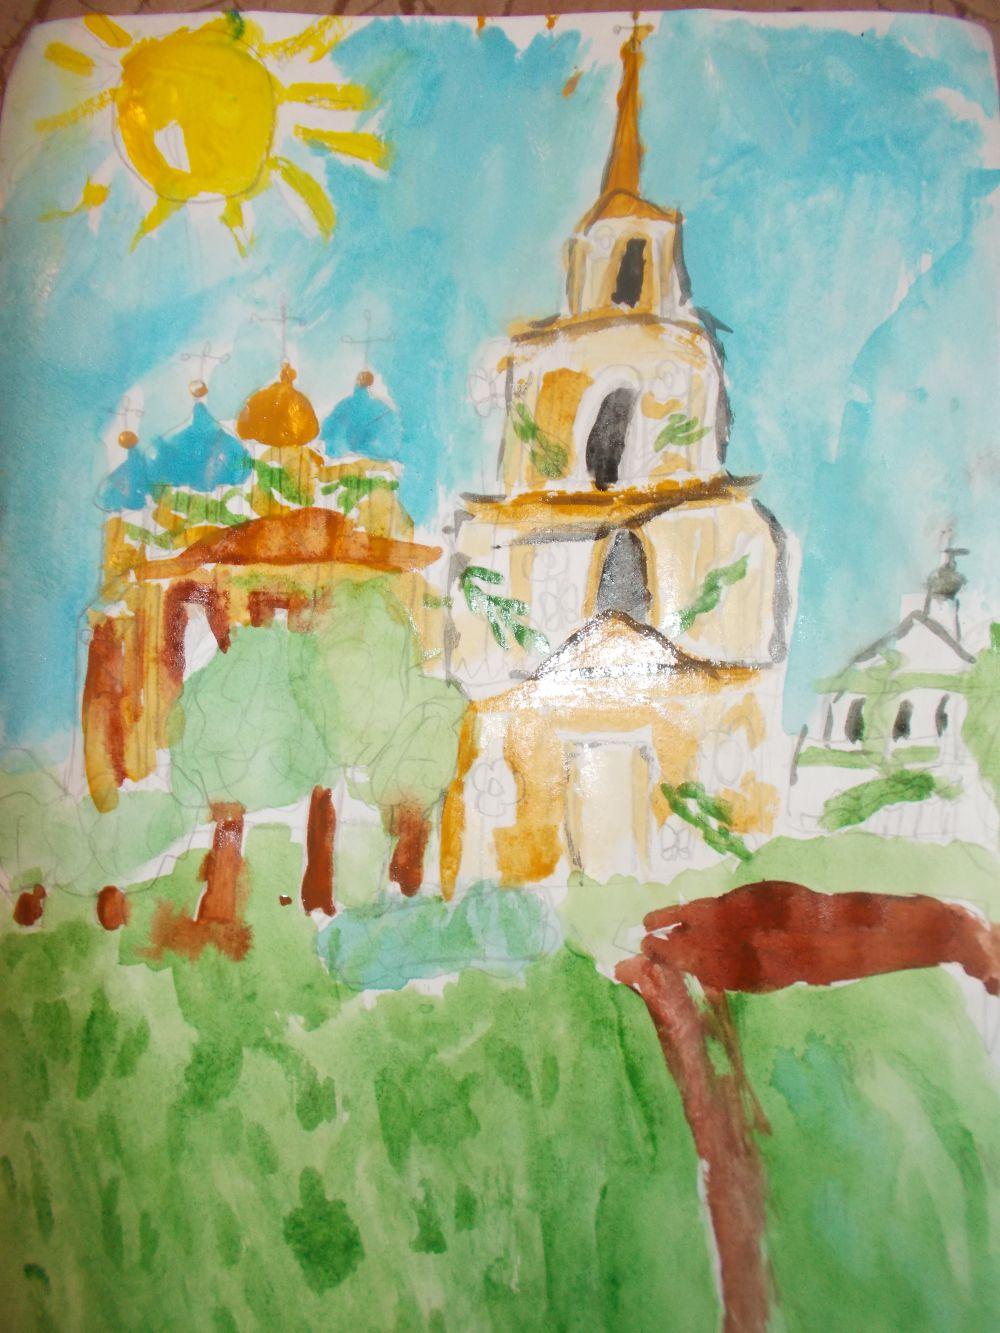 Полина Зайцева - 3 место от «Шоу профессора Бумса» в конкурсе «Город будущего».